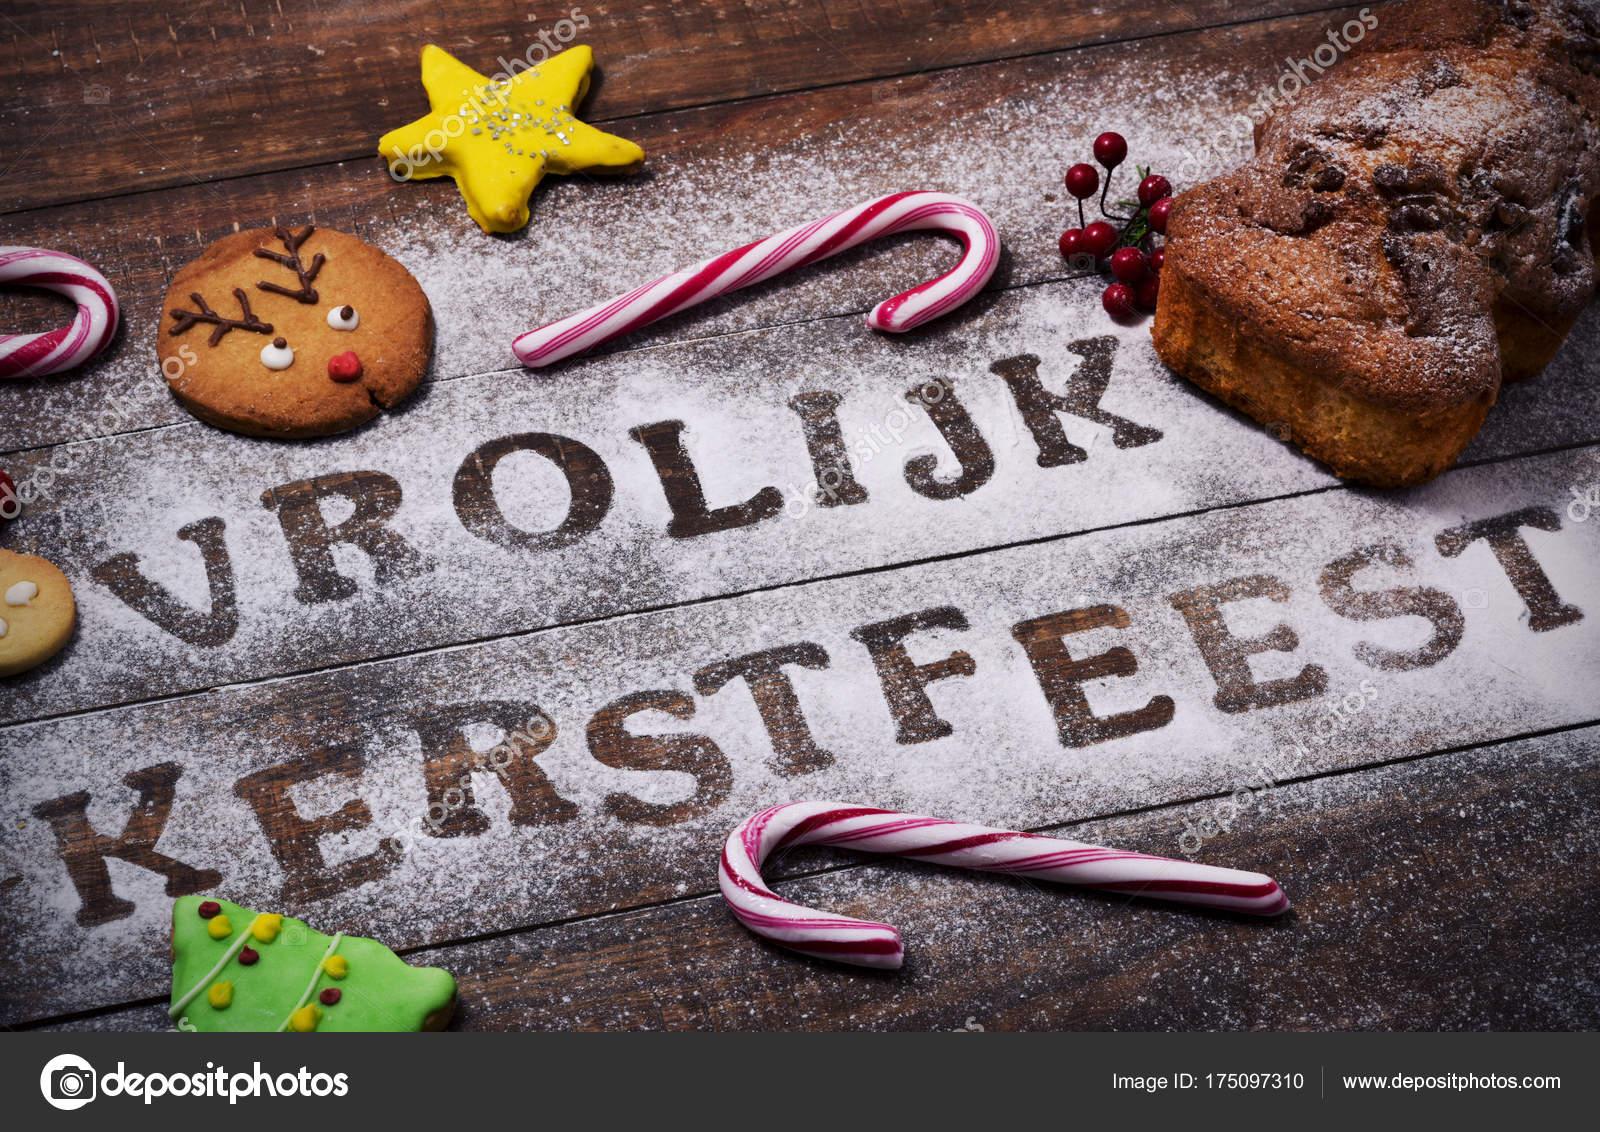 text vrolijk kerstfeest frohe weihnachten auf niederl ndisch stockfoto nito103 175097310